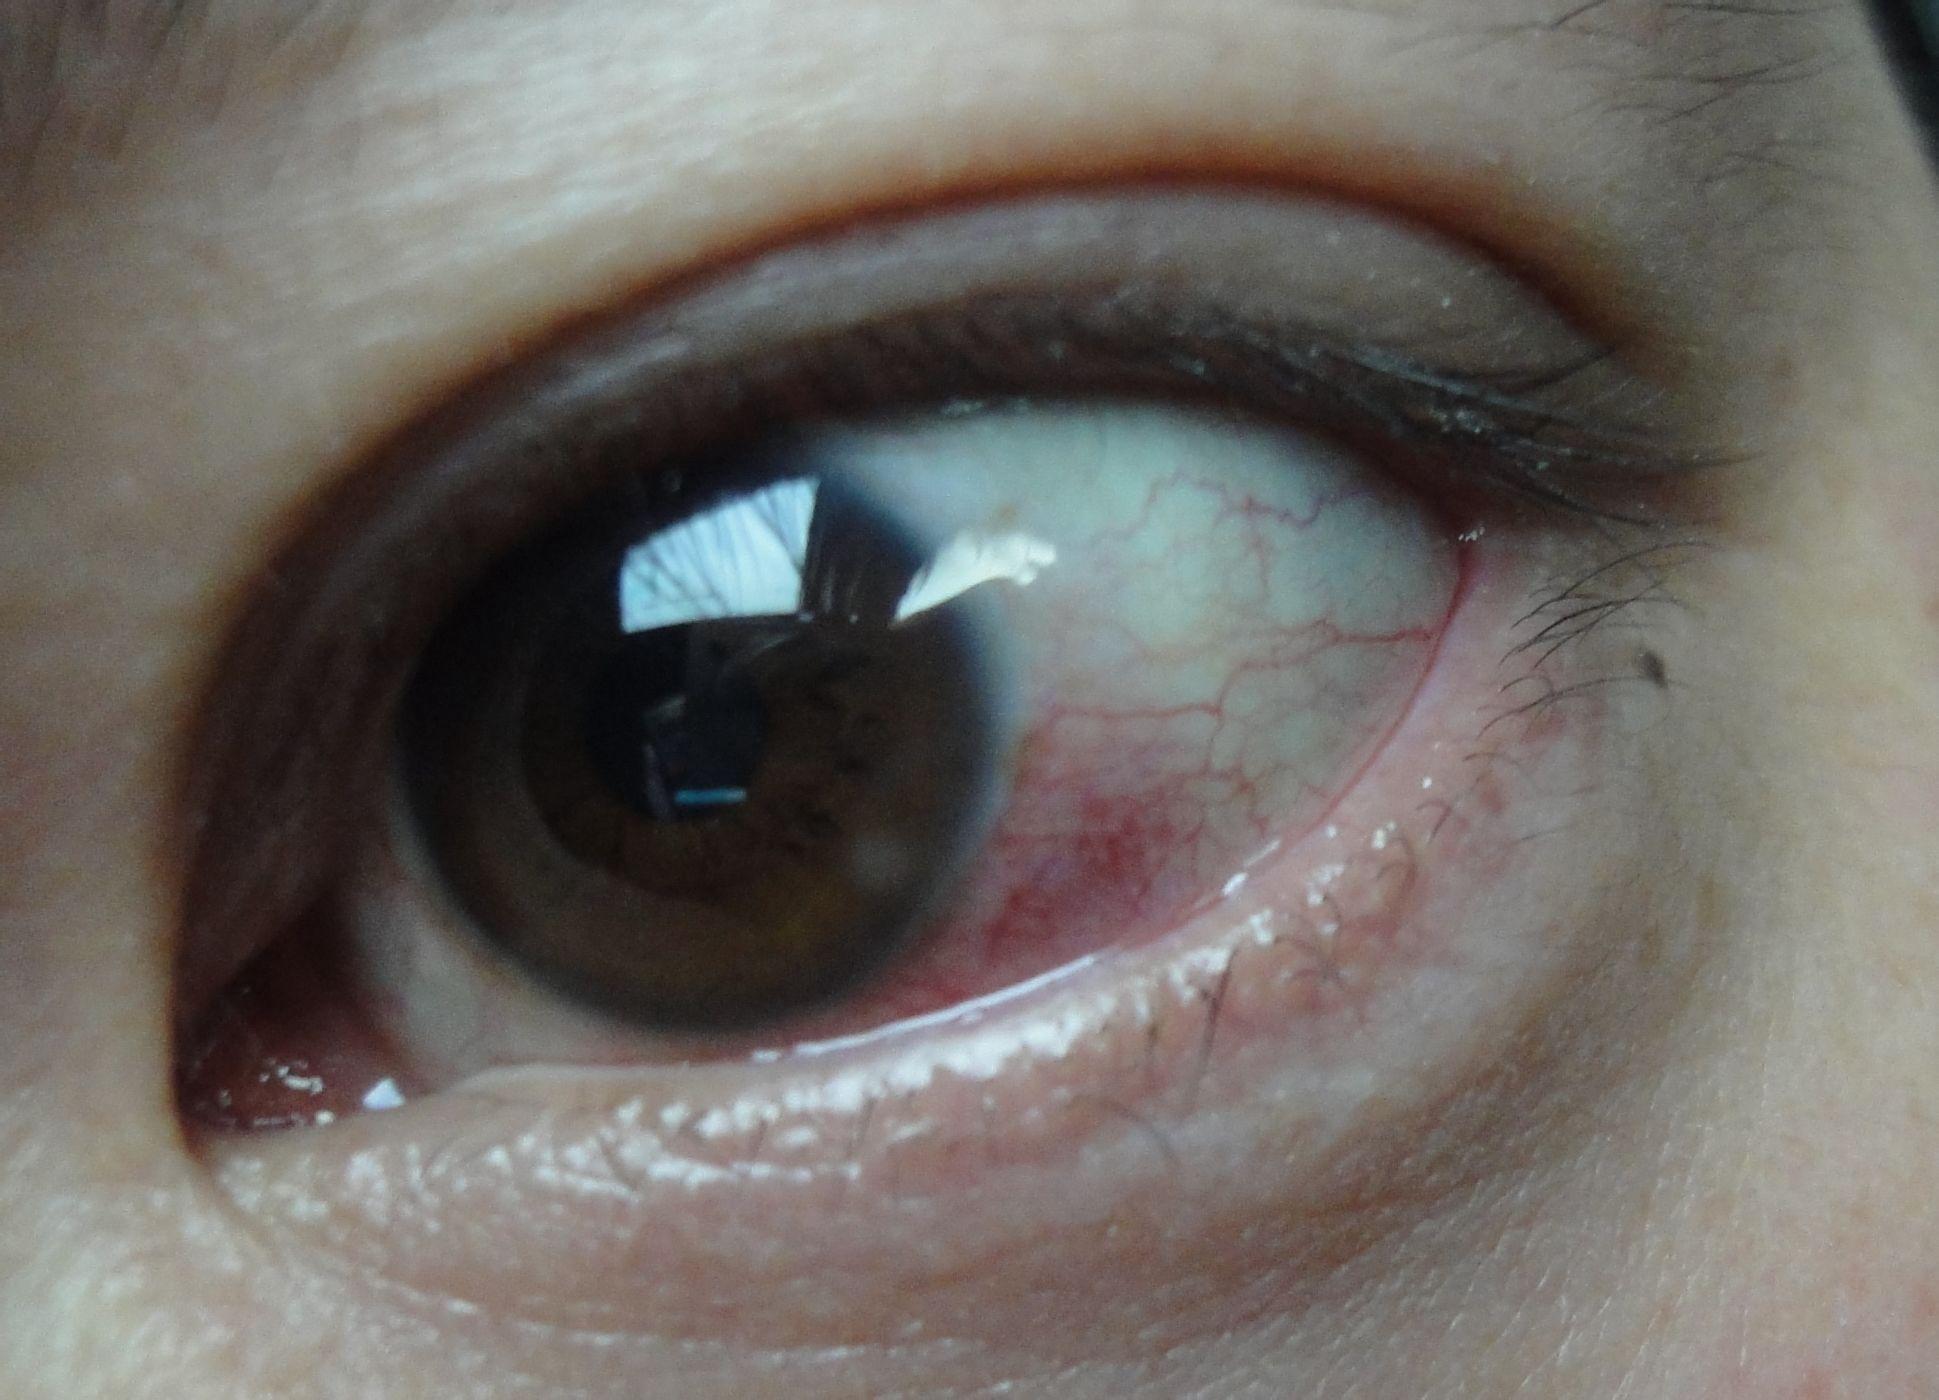 黑眼球上有个白点图片_下眼袋浮肿我深刻的经历过,有一天睡前我总是感觉非常口渴,所以一直